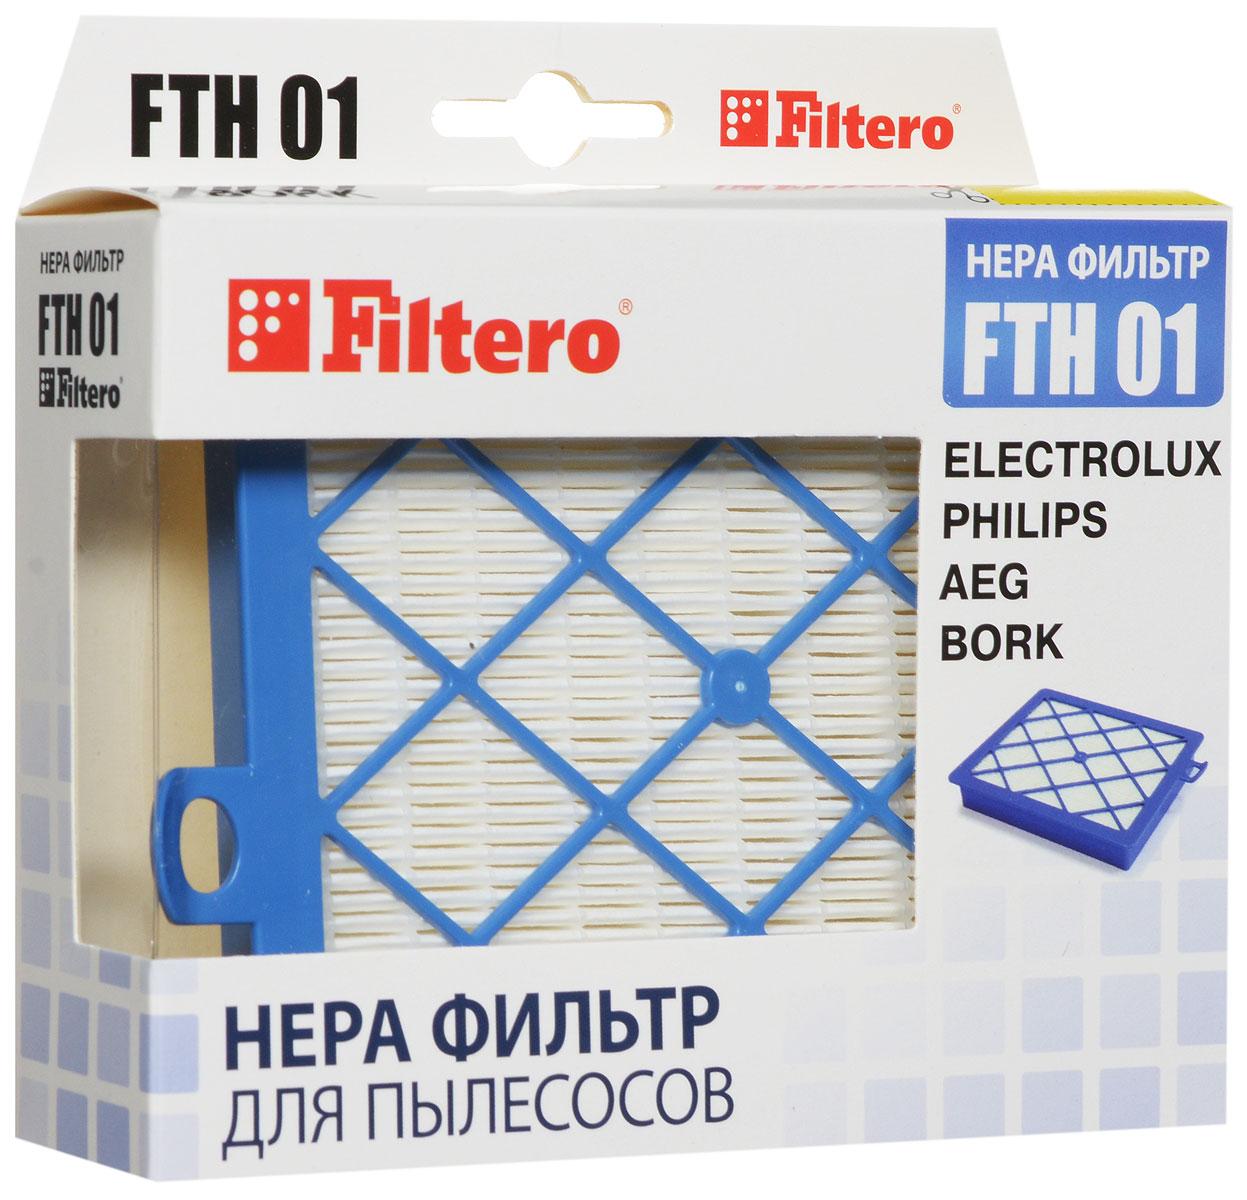 лучшая цена Filtero FTH 01 ELX Hepa-фильтр для Electrolux, Philips